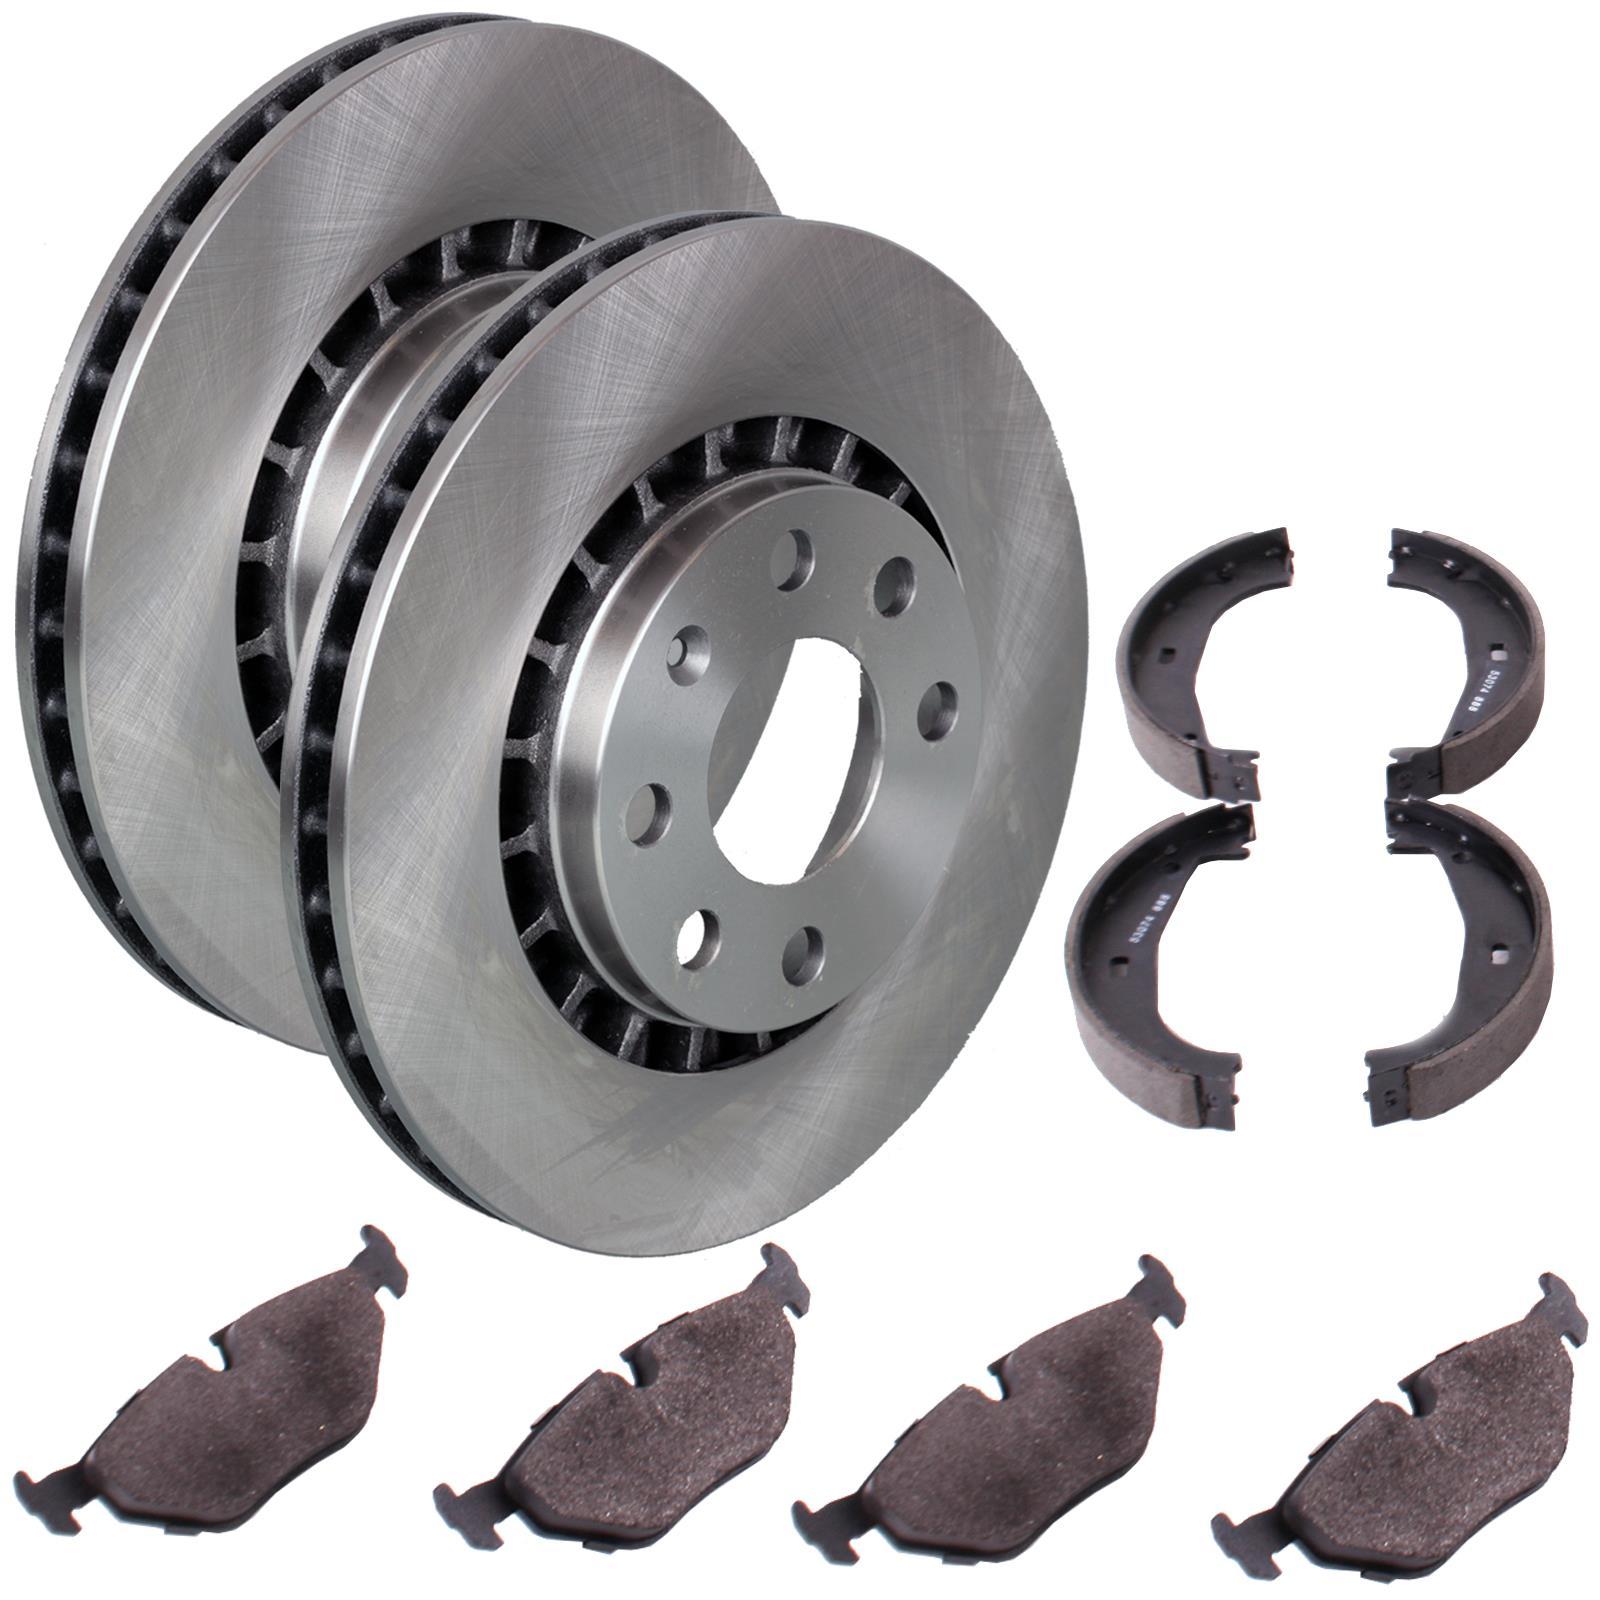 Bremsscheiben 231mm belüftet Bremsbeläge vorne für Bremssystem Bosch